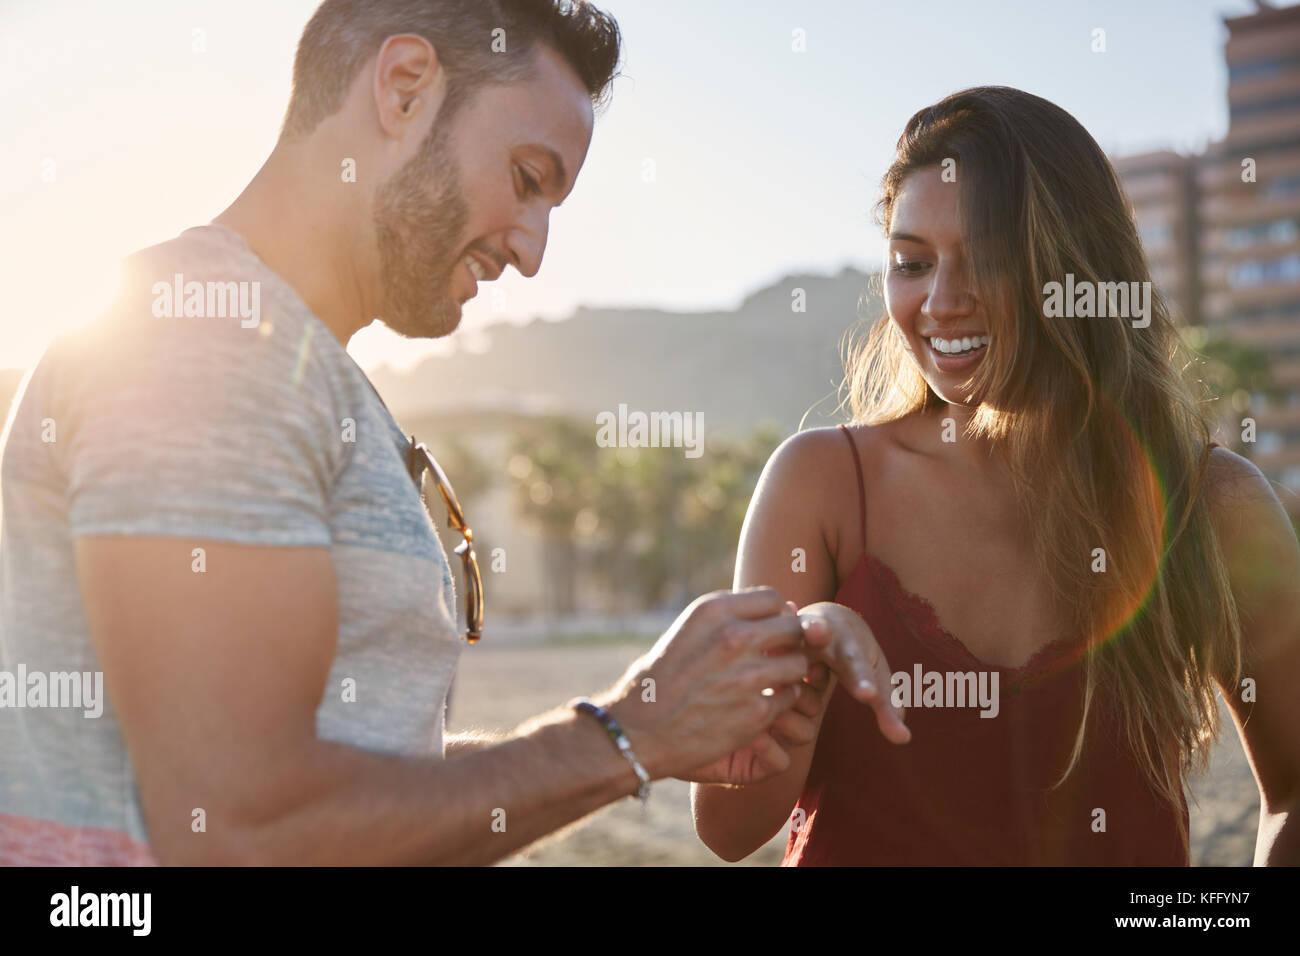 Ritratto di uomo felice mettendo anello di fidanzamento sulla ragazza dito Immagini Stock